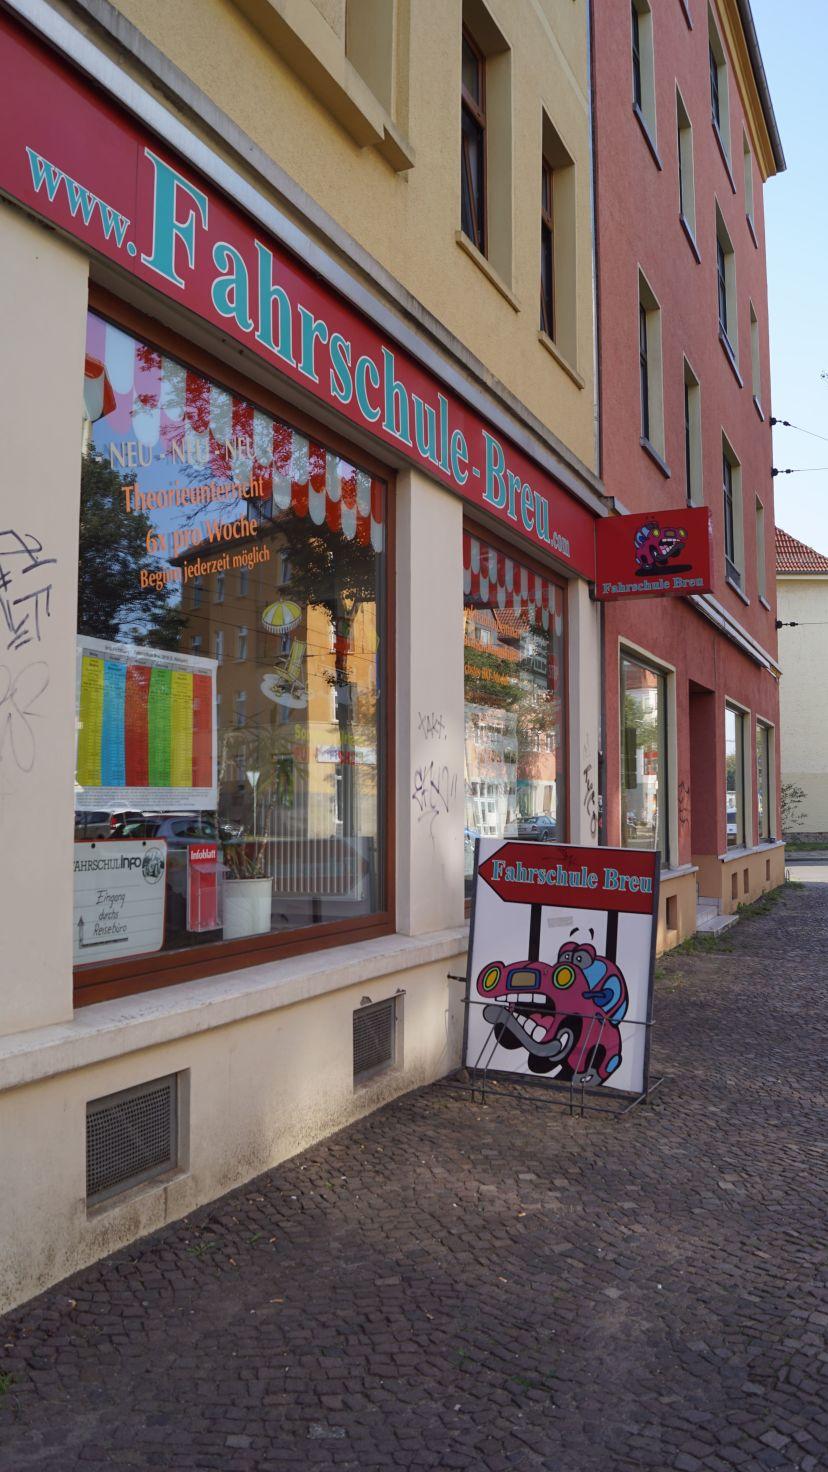 School Fahrschule Breu Leipzig Mockau-Nord 3